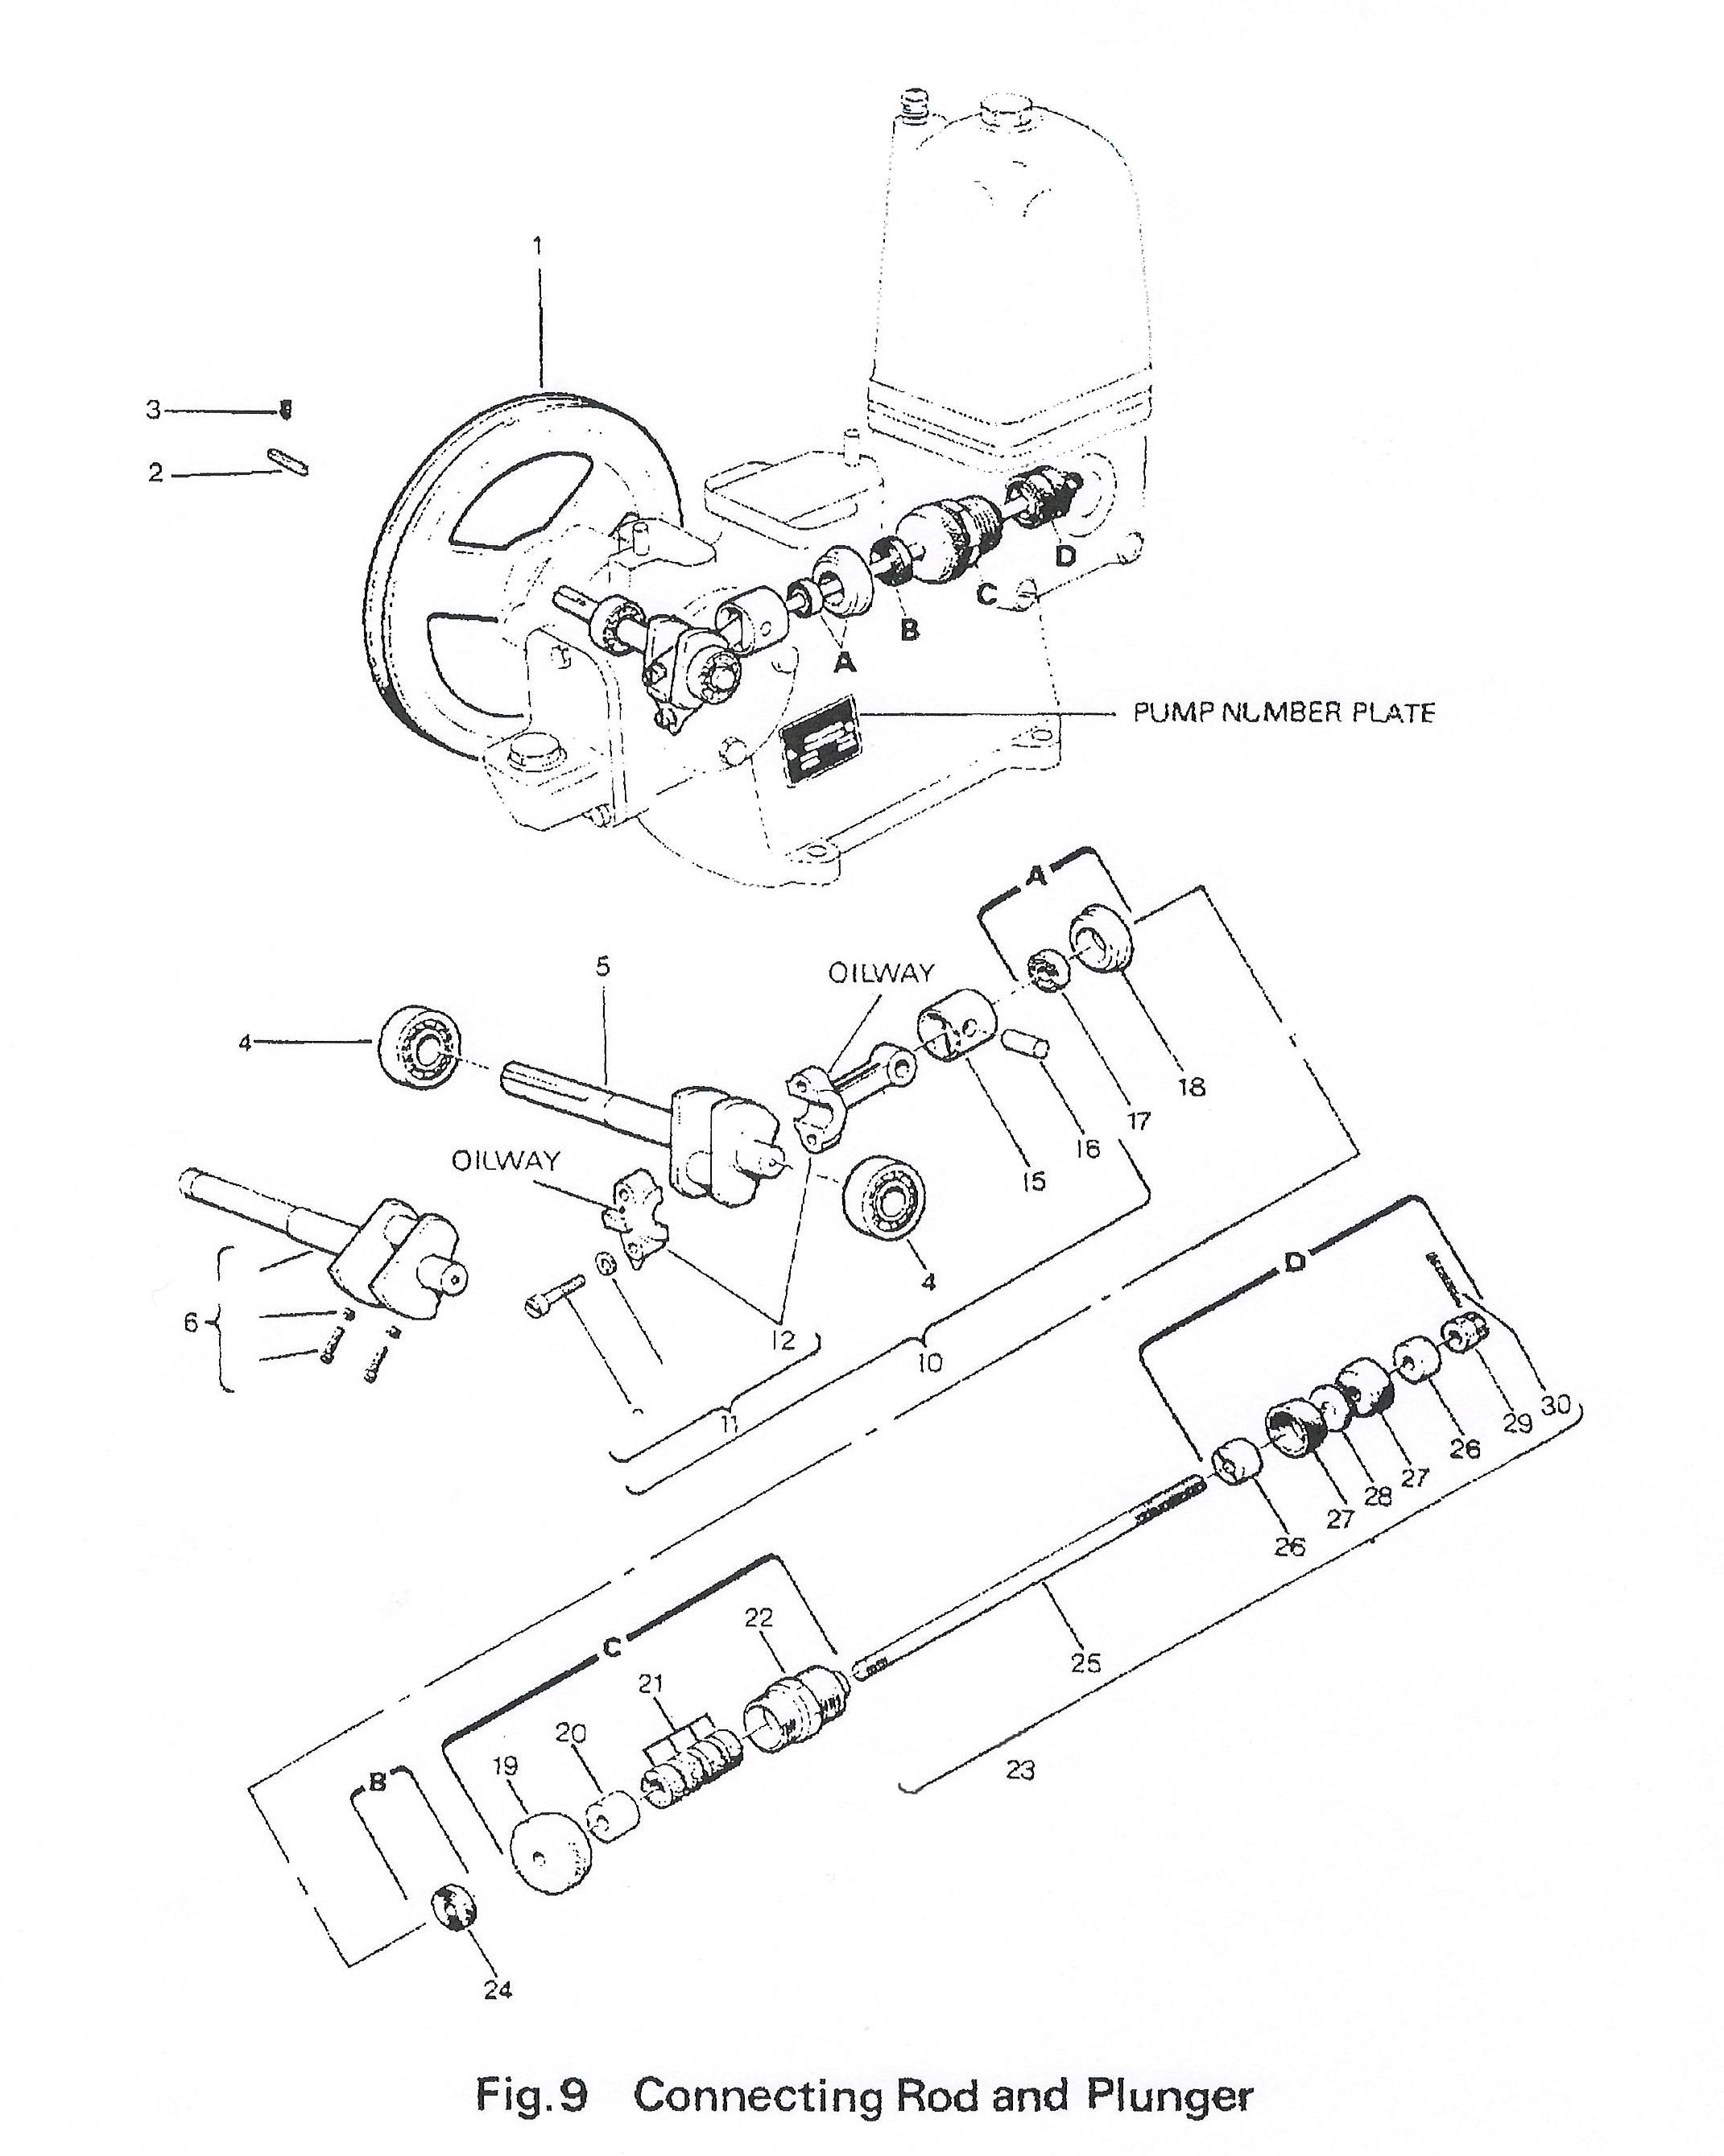 Lister starter motor wiring diagram